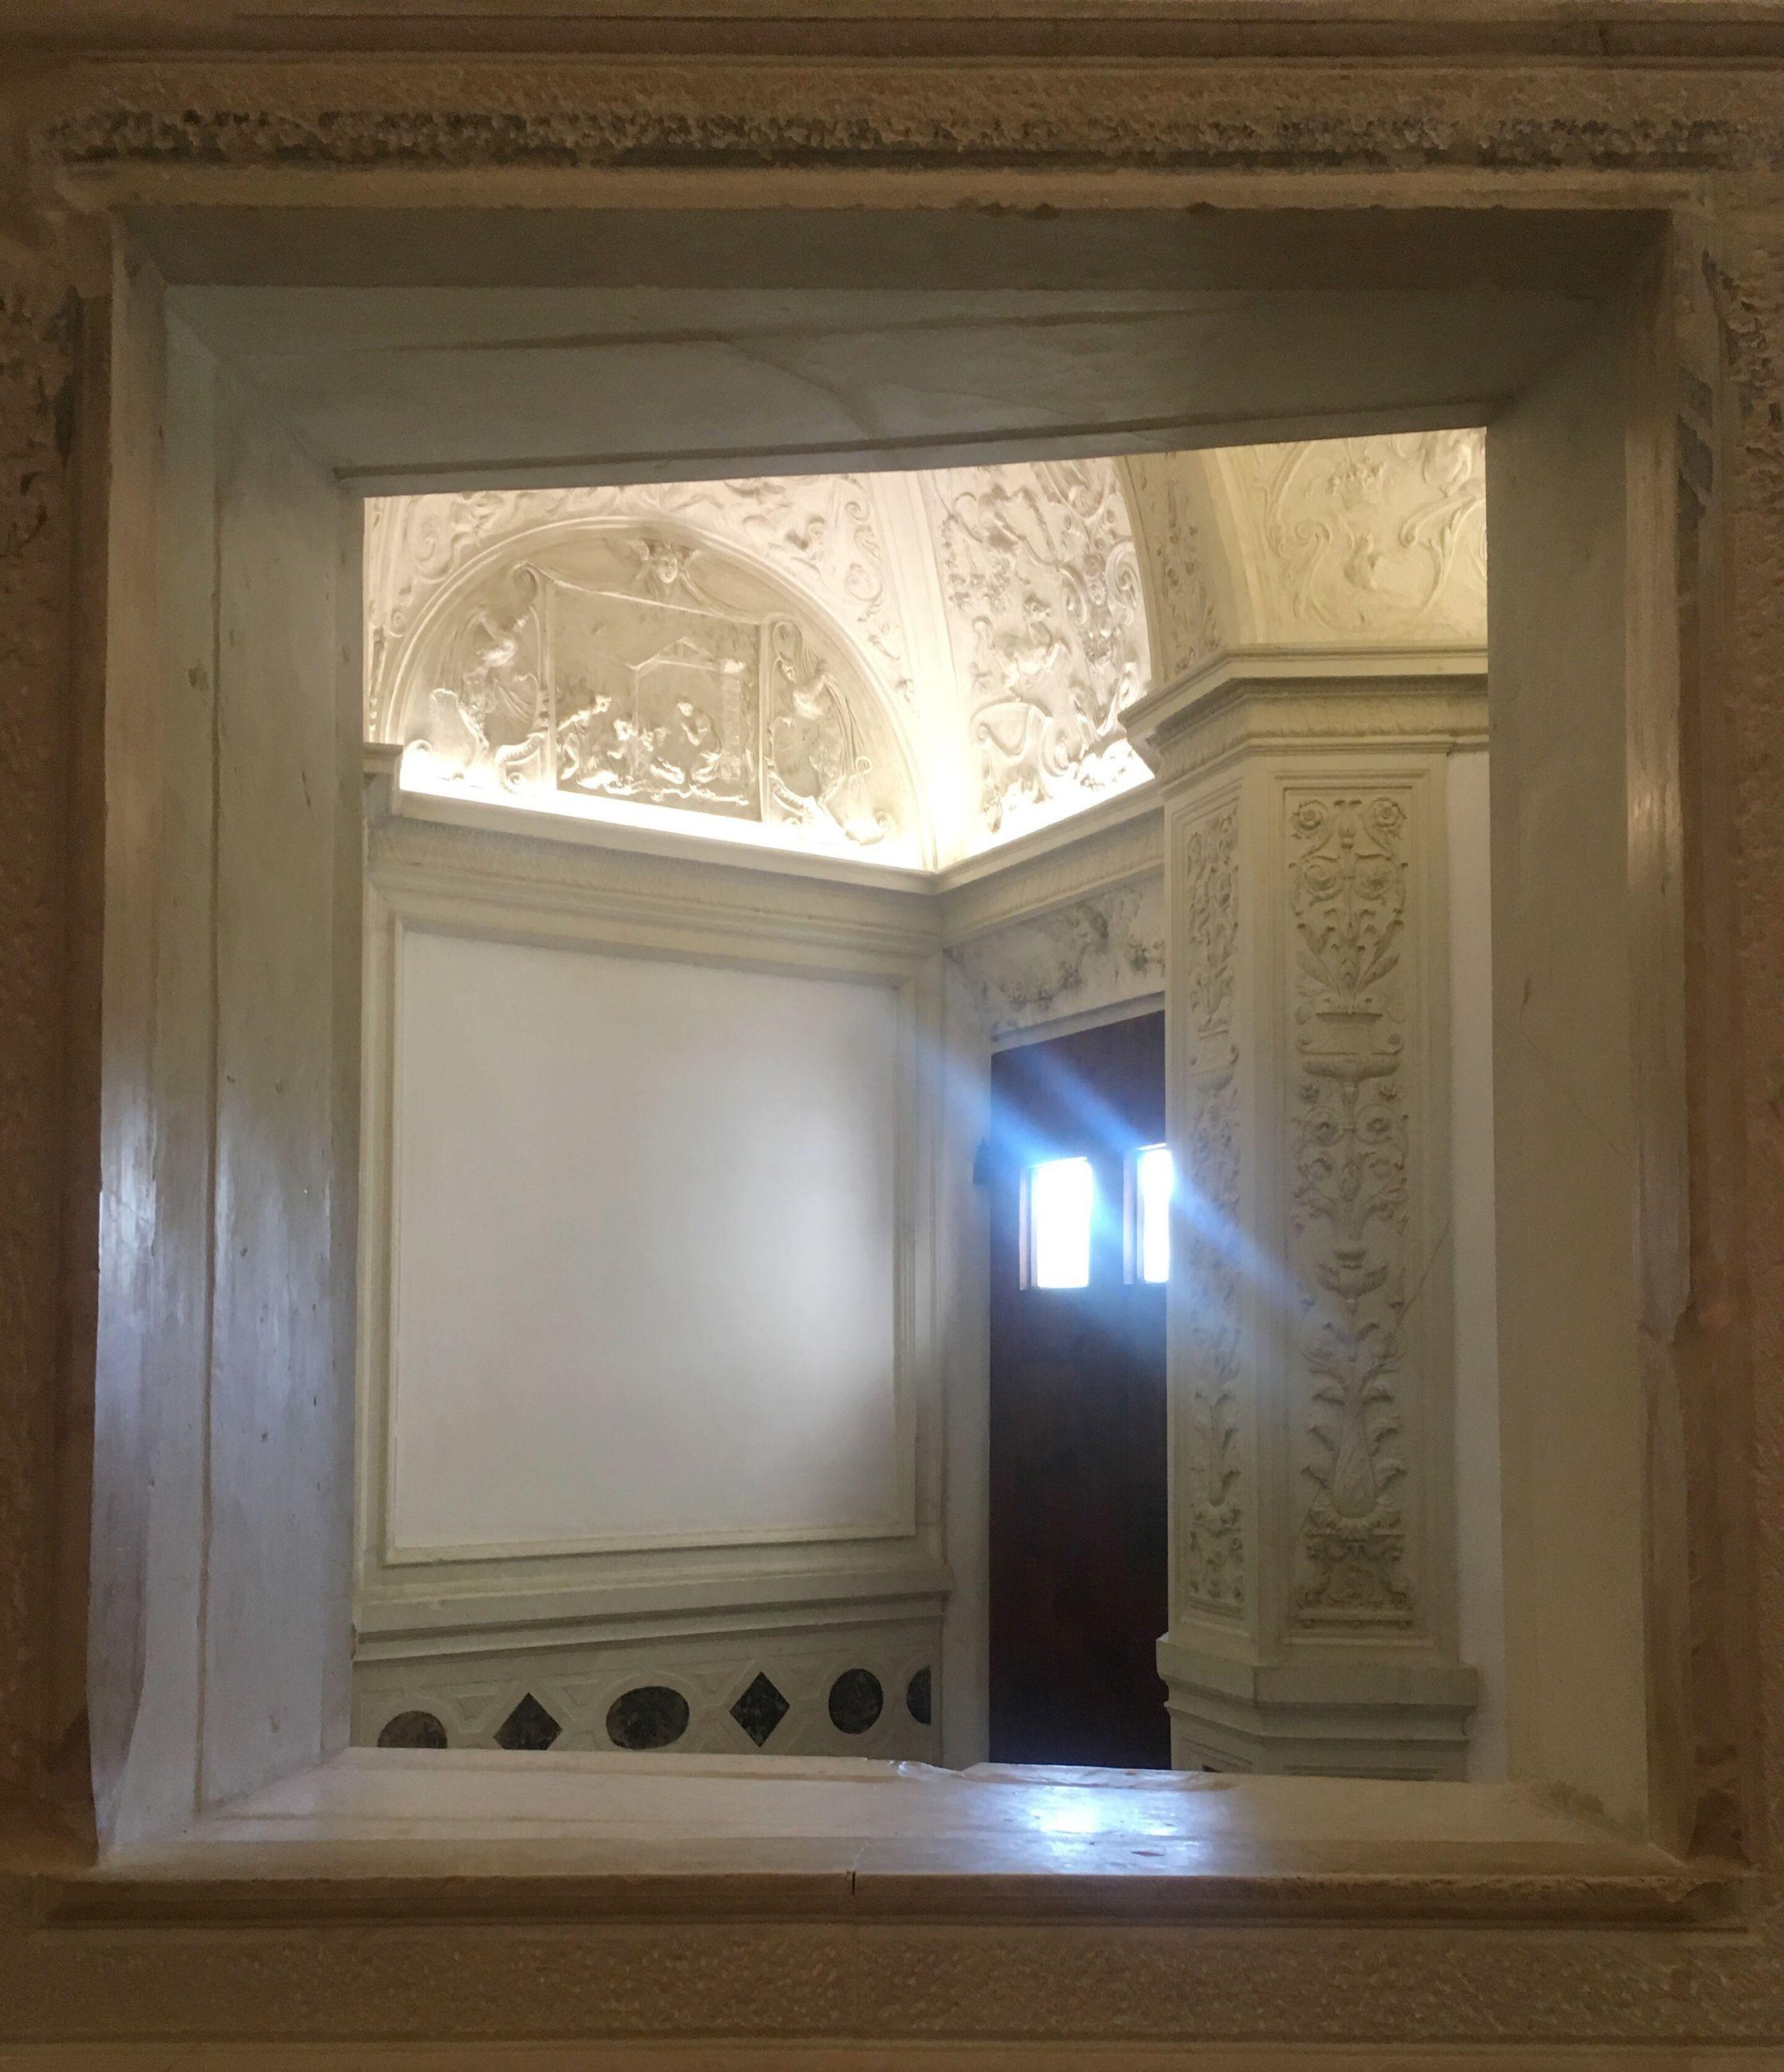 indoors, entrance, door, window, doorway, no people, day, architecture, open door, illuminated